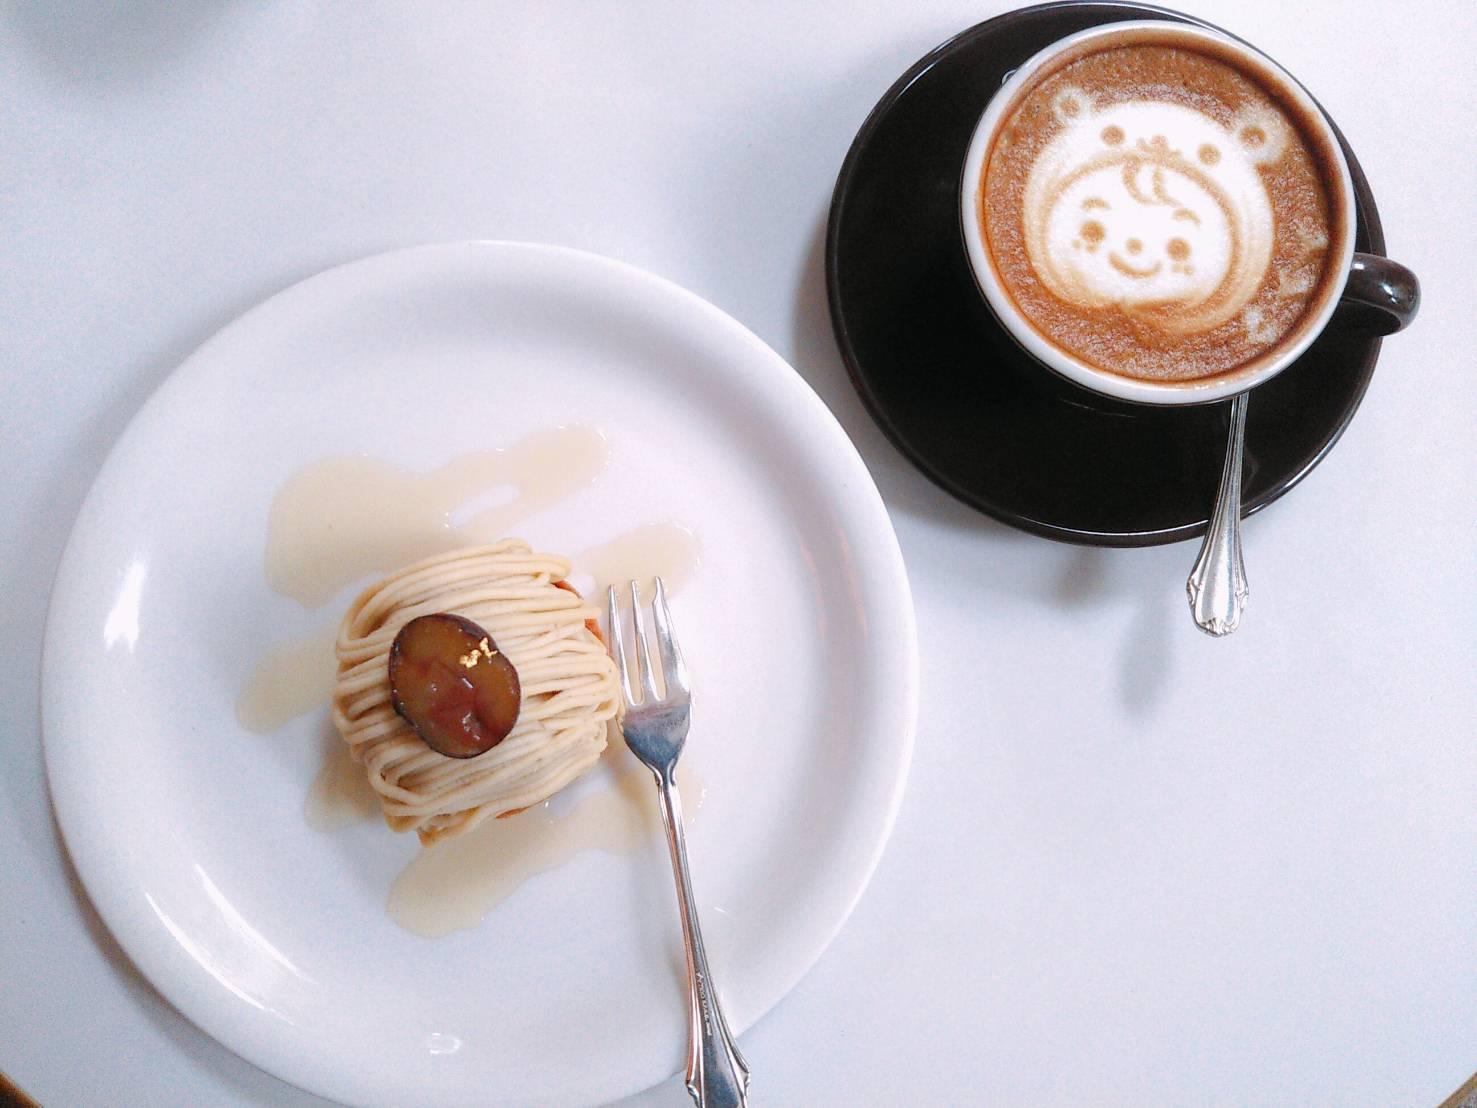 開港150年余りの神戸旧居留地の玄関口にある イタリアのバールのようなカフェ『カフェラ 神戸大丸店』